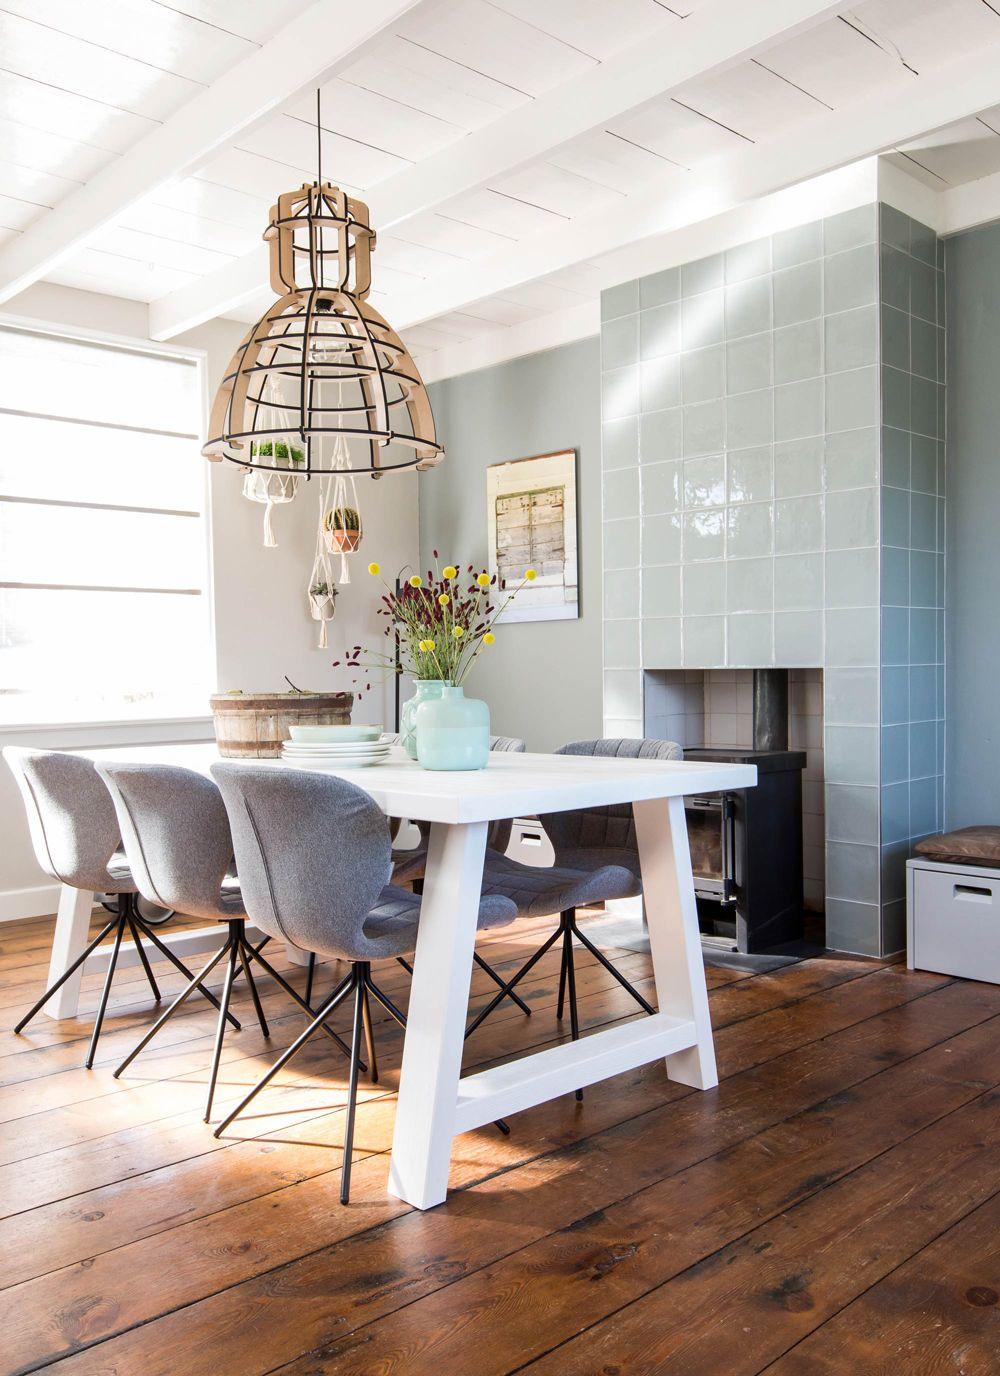 Zuiver in 2018 | Interieur | Pinterest | Esszimmer, Haus und Wohnen